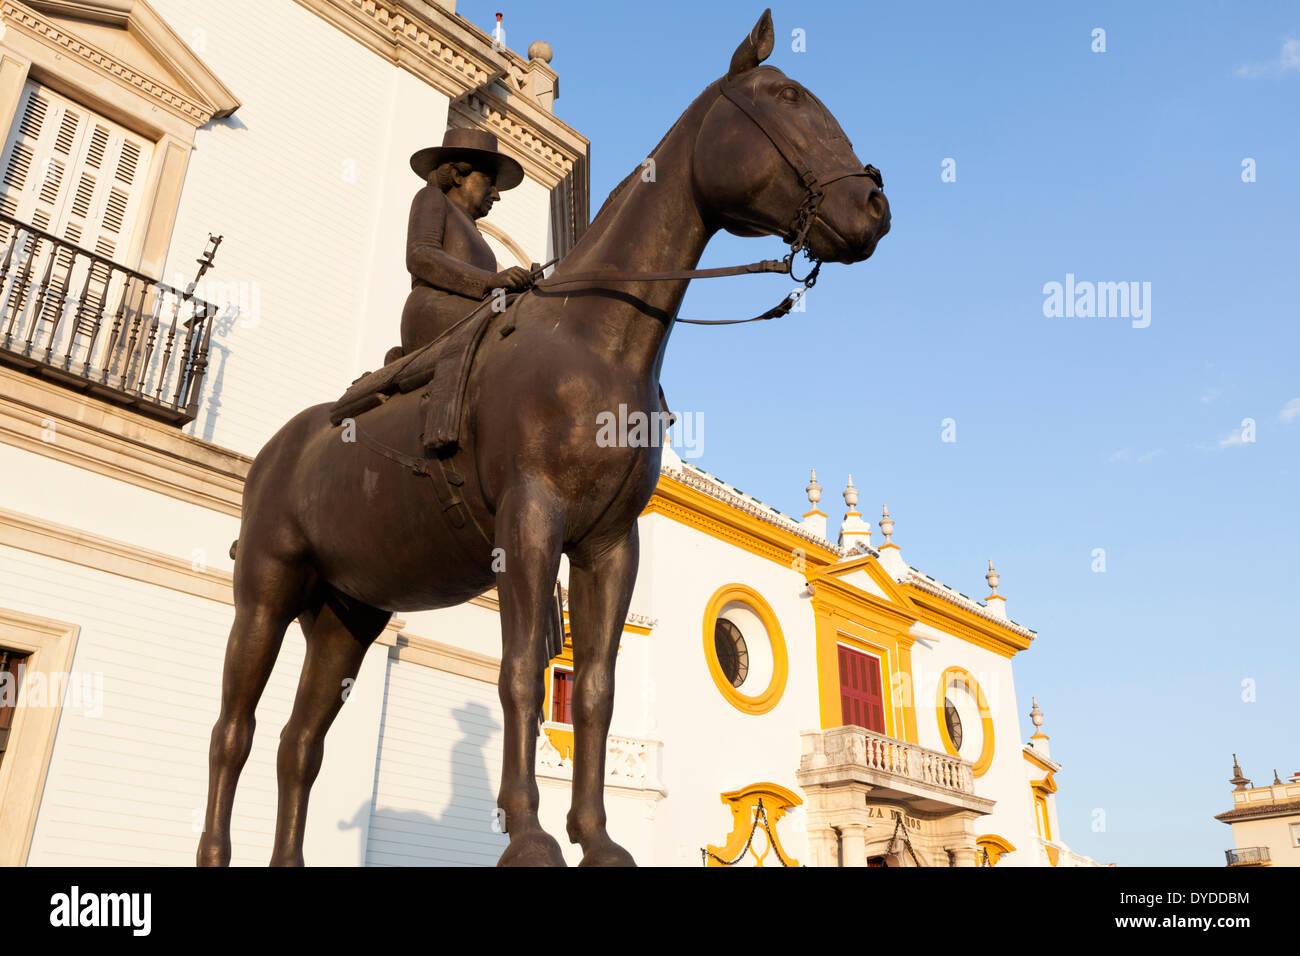 Statue of equestrian rider outside the Plaza de toros de la Real Maestranza in Seville. - Stock Image